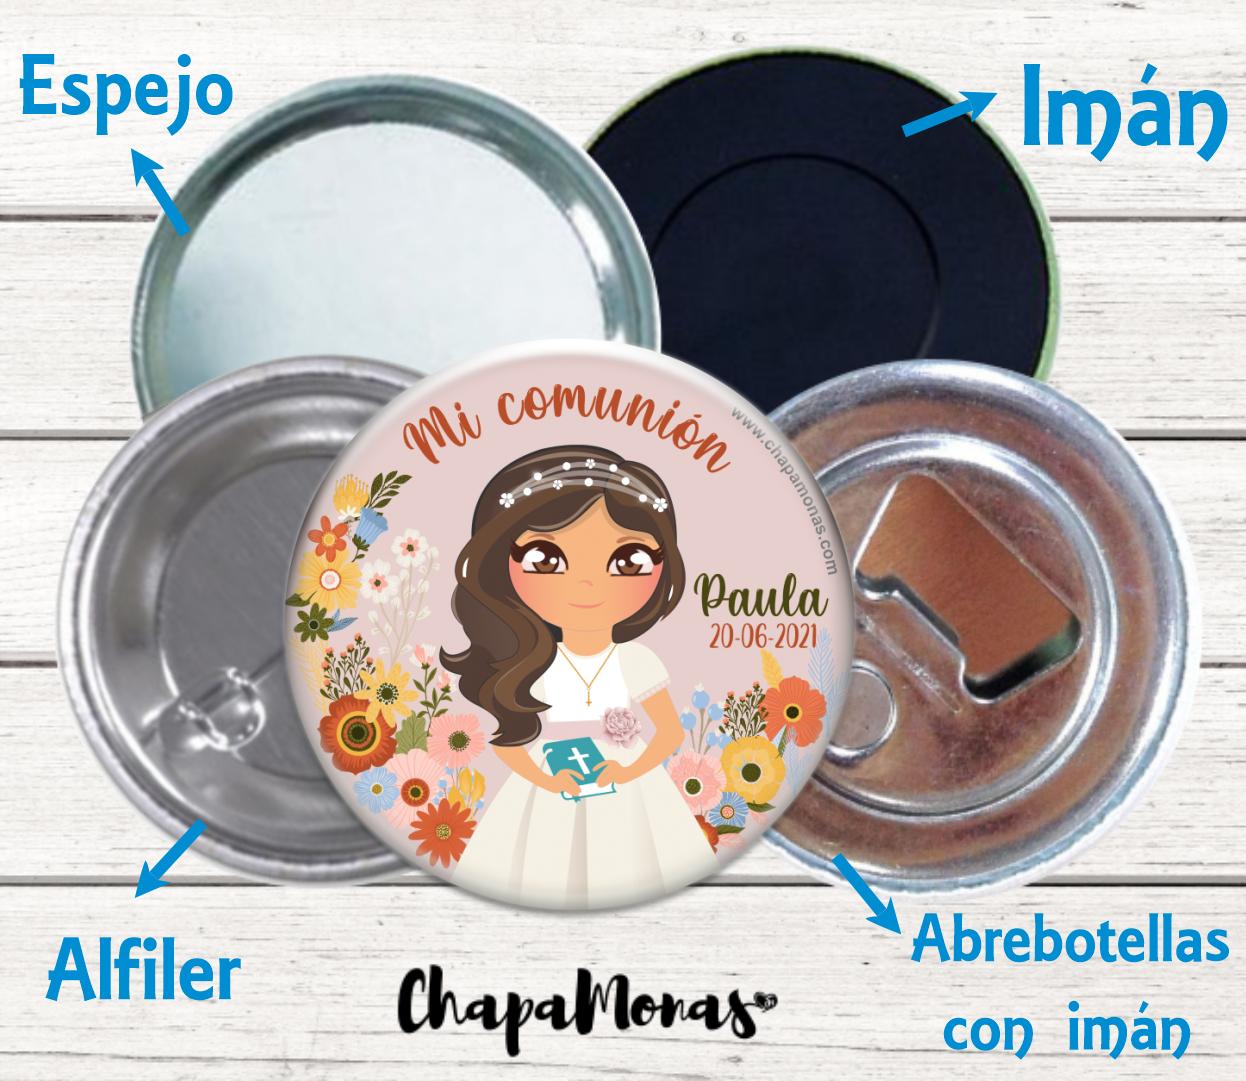 CHAPA COMUNIÓN PELO ONDAS